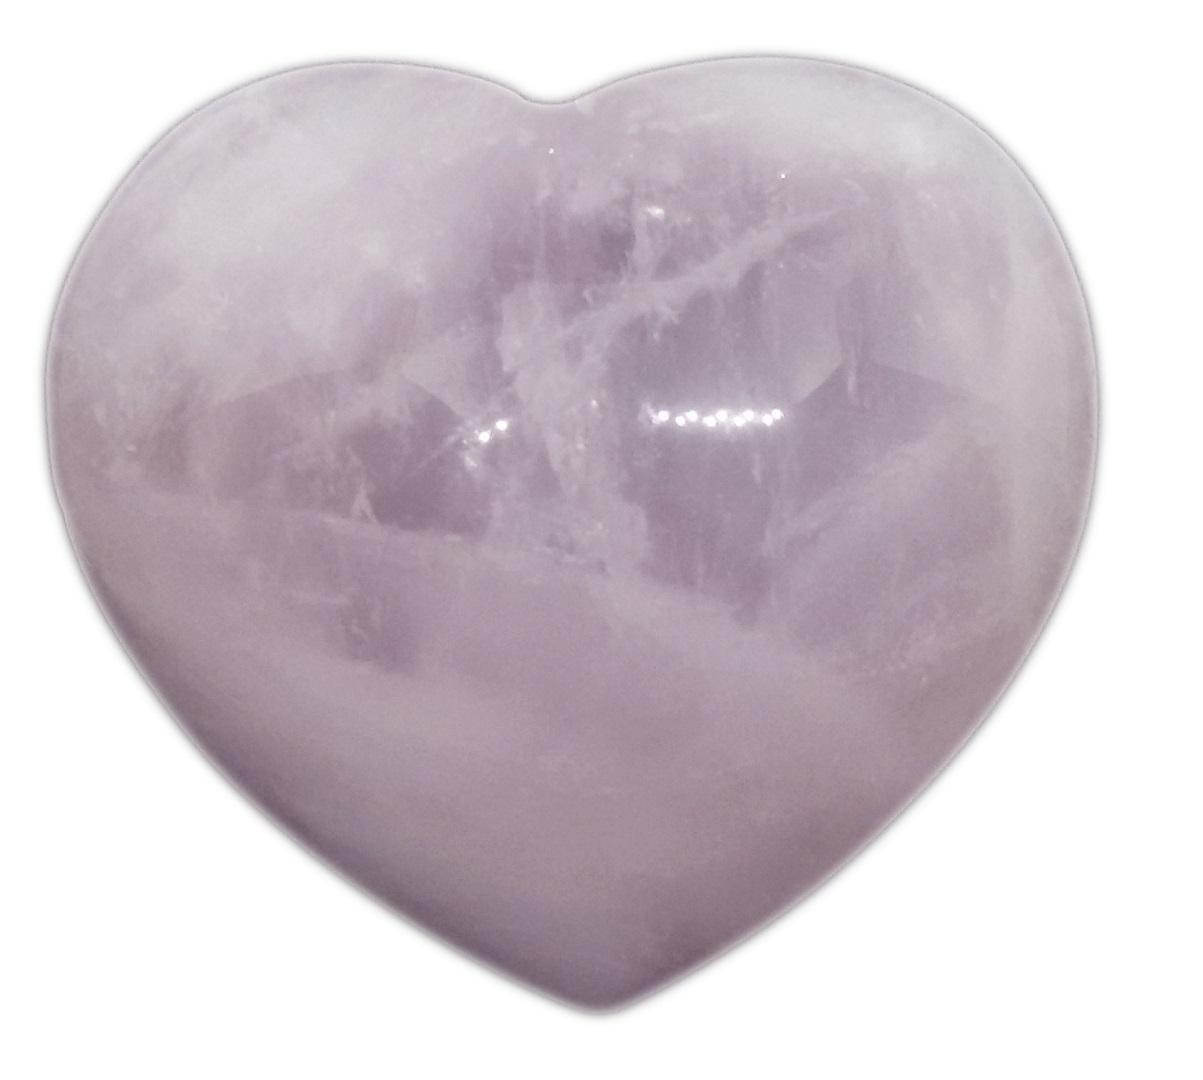 10 Unidades de Coração De Quartzo Rosa Natural Pedra Harmoniza O Amor